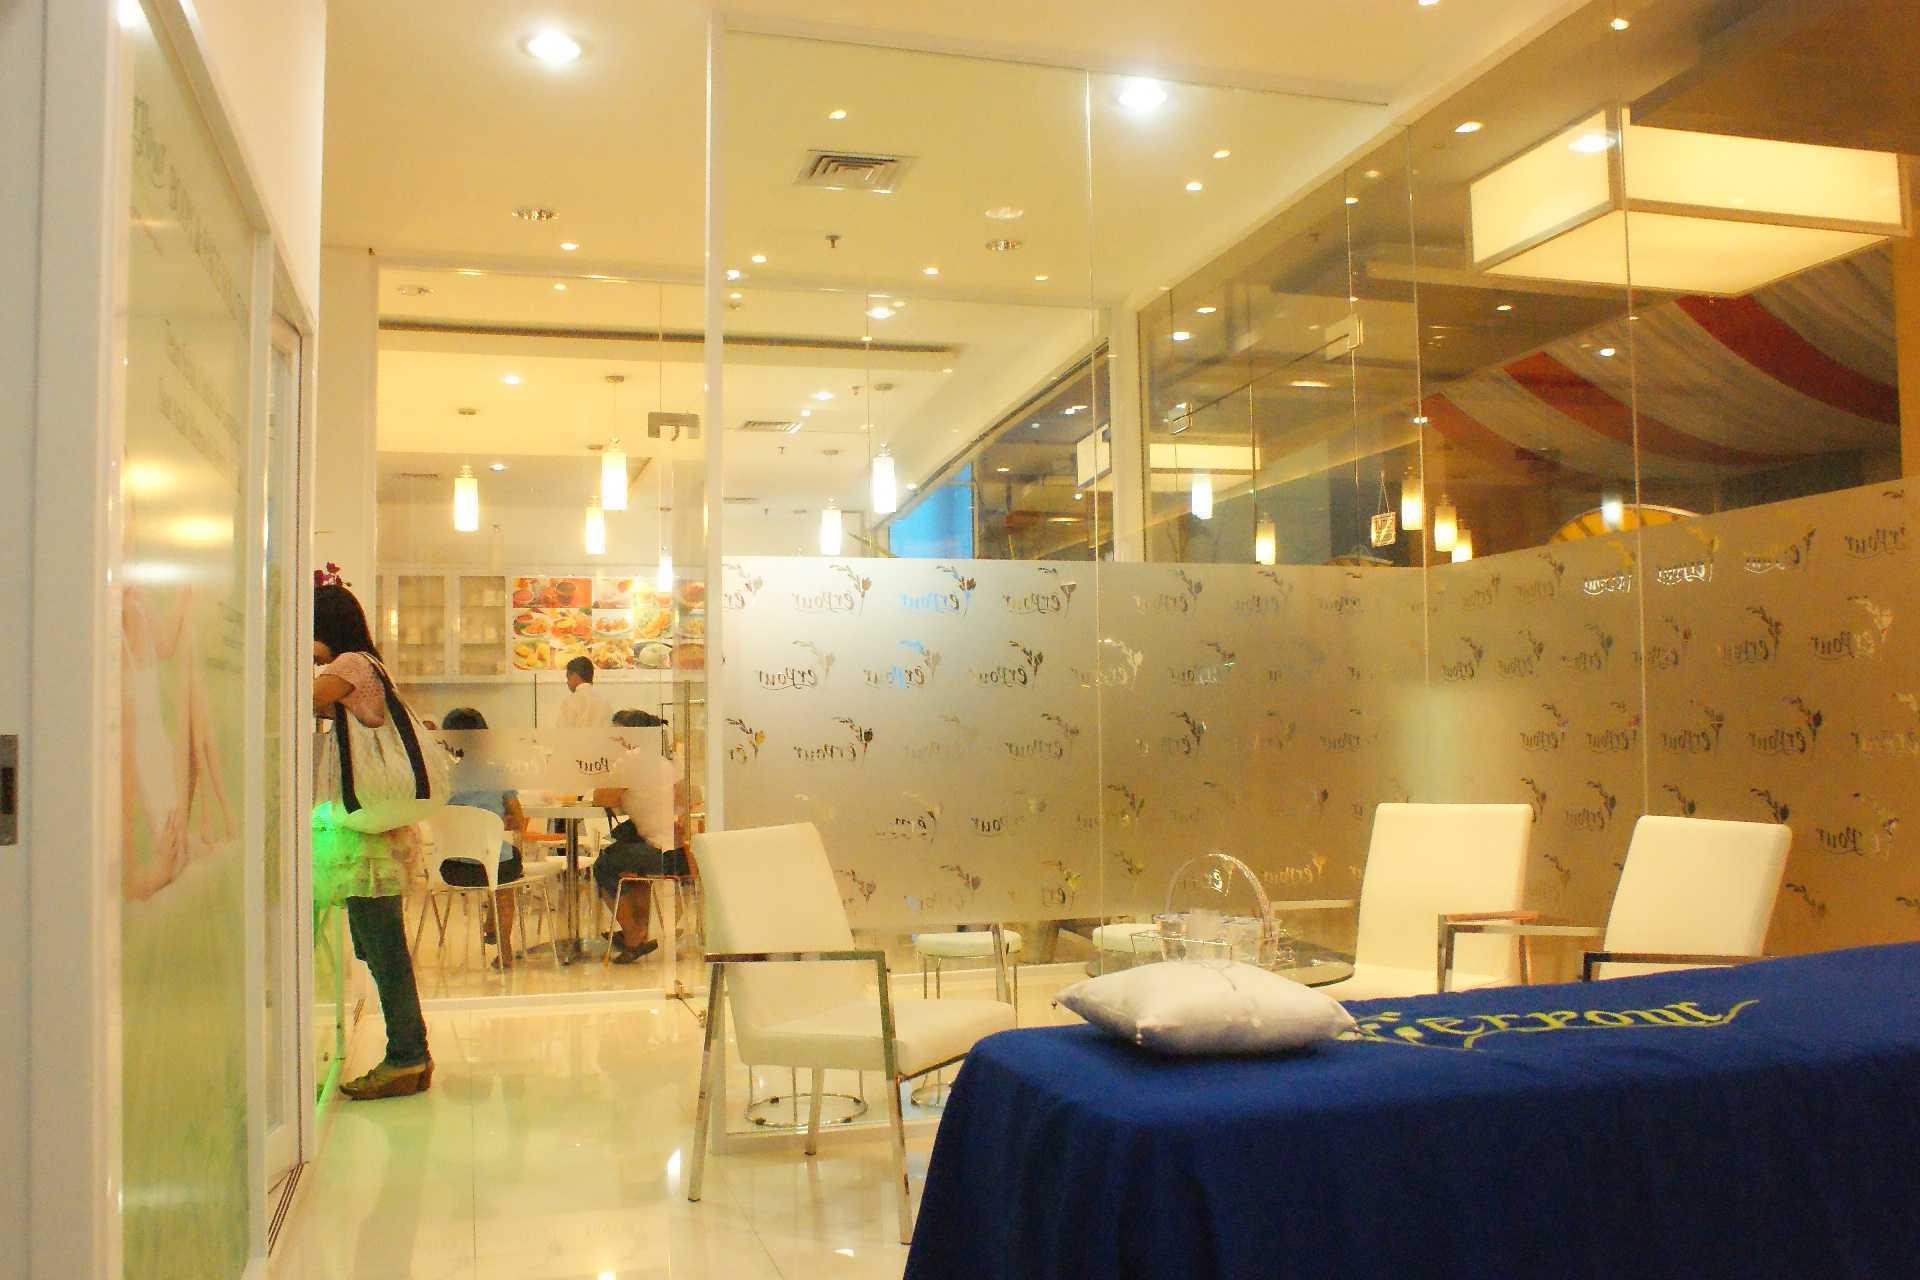 Astana Interior Beauty Clinic Jl. Boulevard Bar. Raya, Rt.18/rw.8, Klp. Gading Bar., Klp. Gading, Kota Jkt Utara, Daerah Khusus Ibukota Jakarta 14240, Indonesia Jl. Boulevard Bar. Raya, Rt.18/rw.8, Klp. Gading Bar., Klp. Gading, Kota Jkt Utara, Daerah Khusus Ibukota Jakarta 14240, Indonesia Astana-Interior-Beauty-Clinic  58161